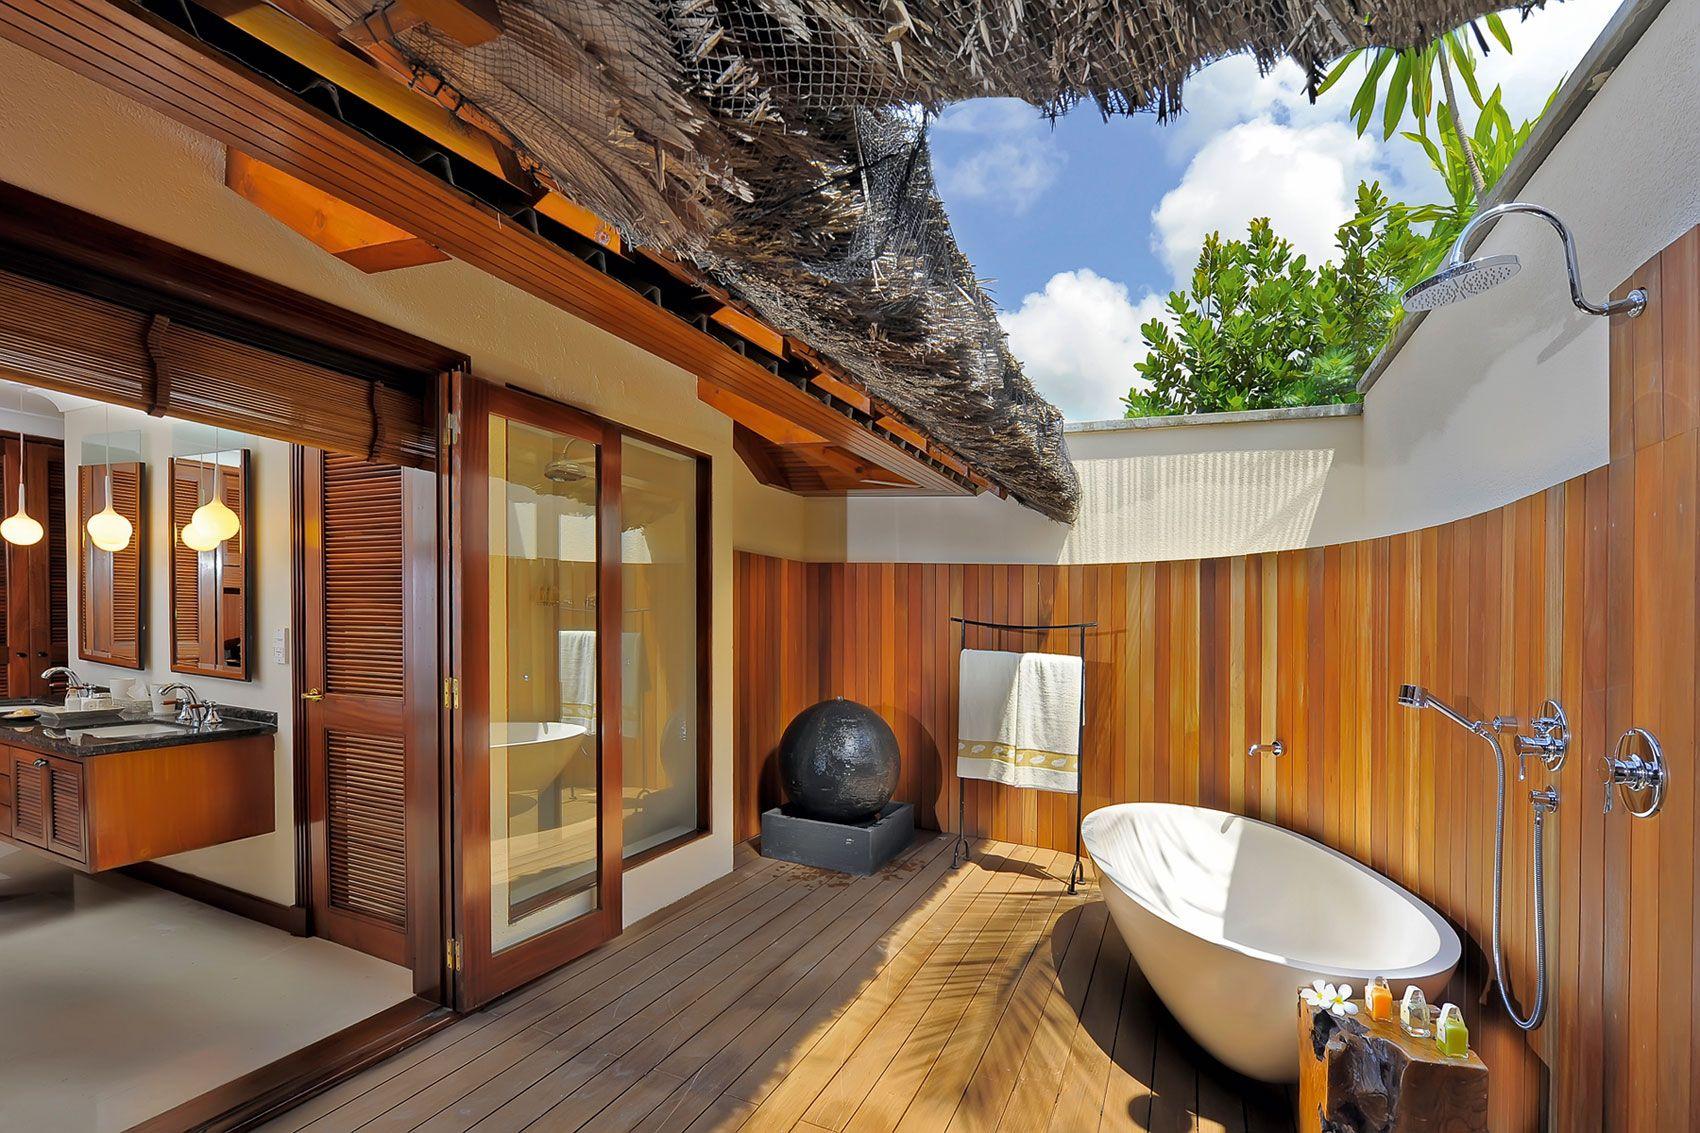 Bathroom http://www.homedsgn.com/2014/01/03/the-constance-lemuria ...